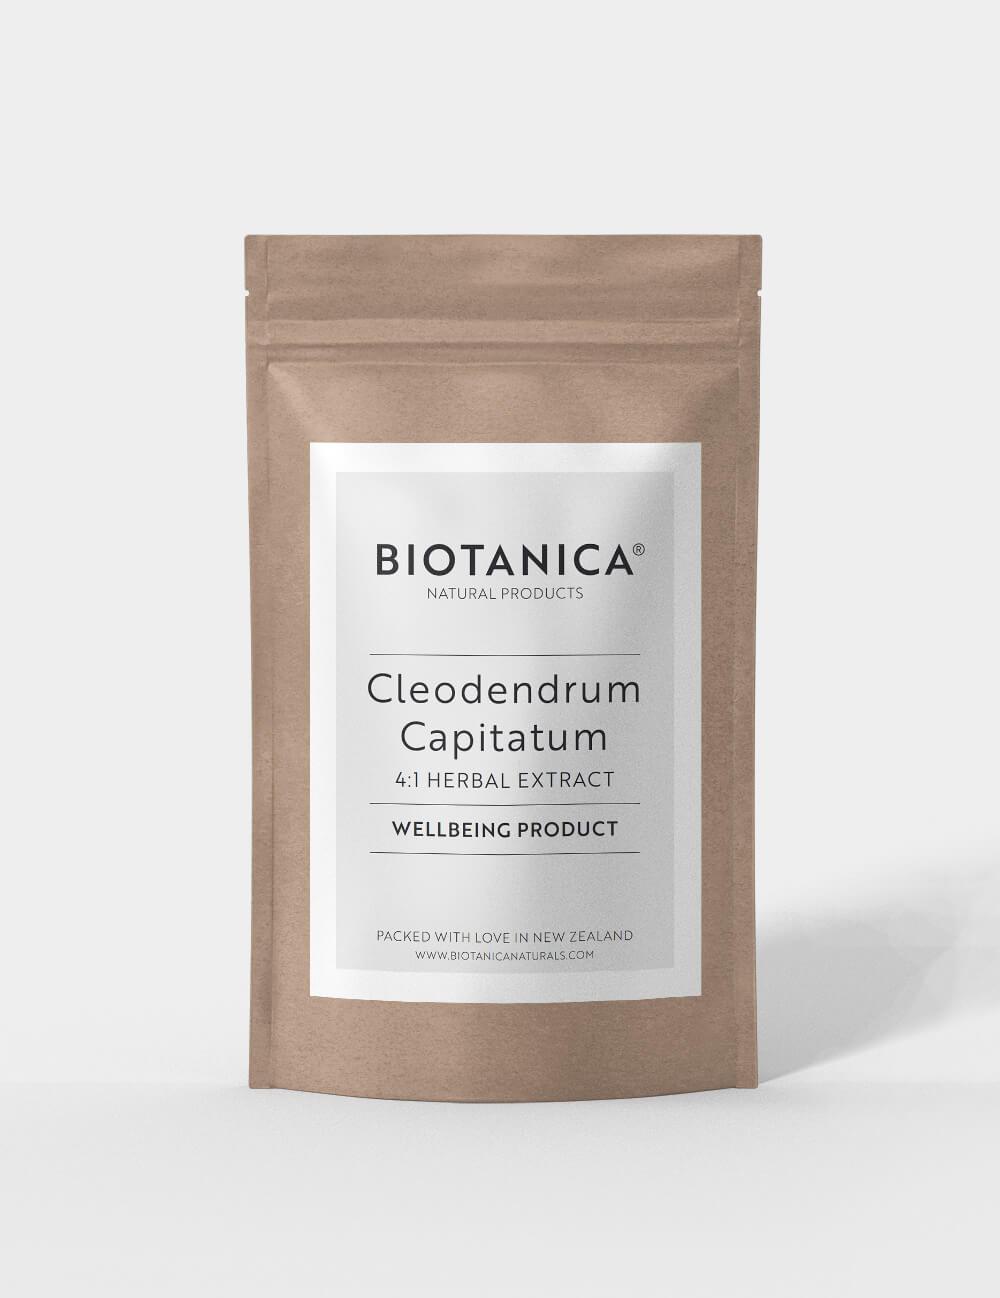 Cleodendrum Capitatum Image 1